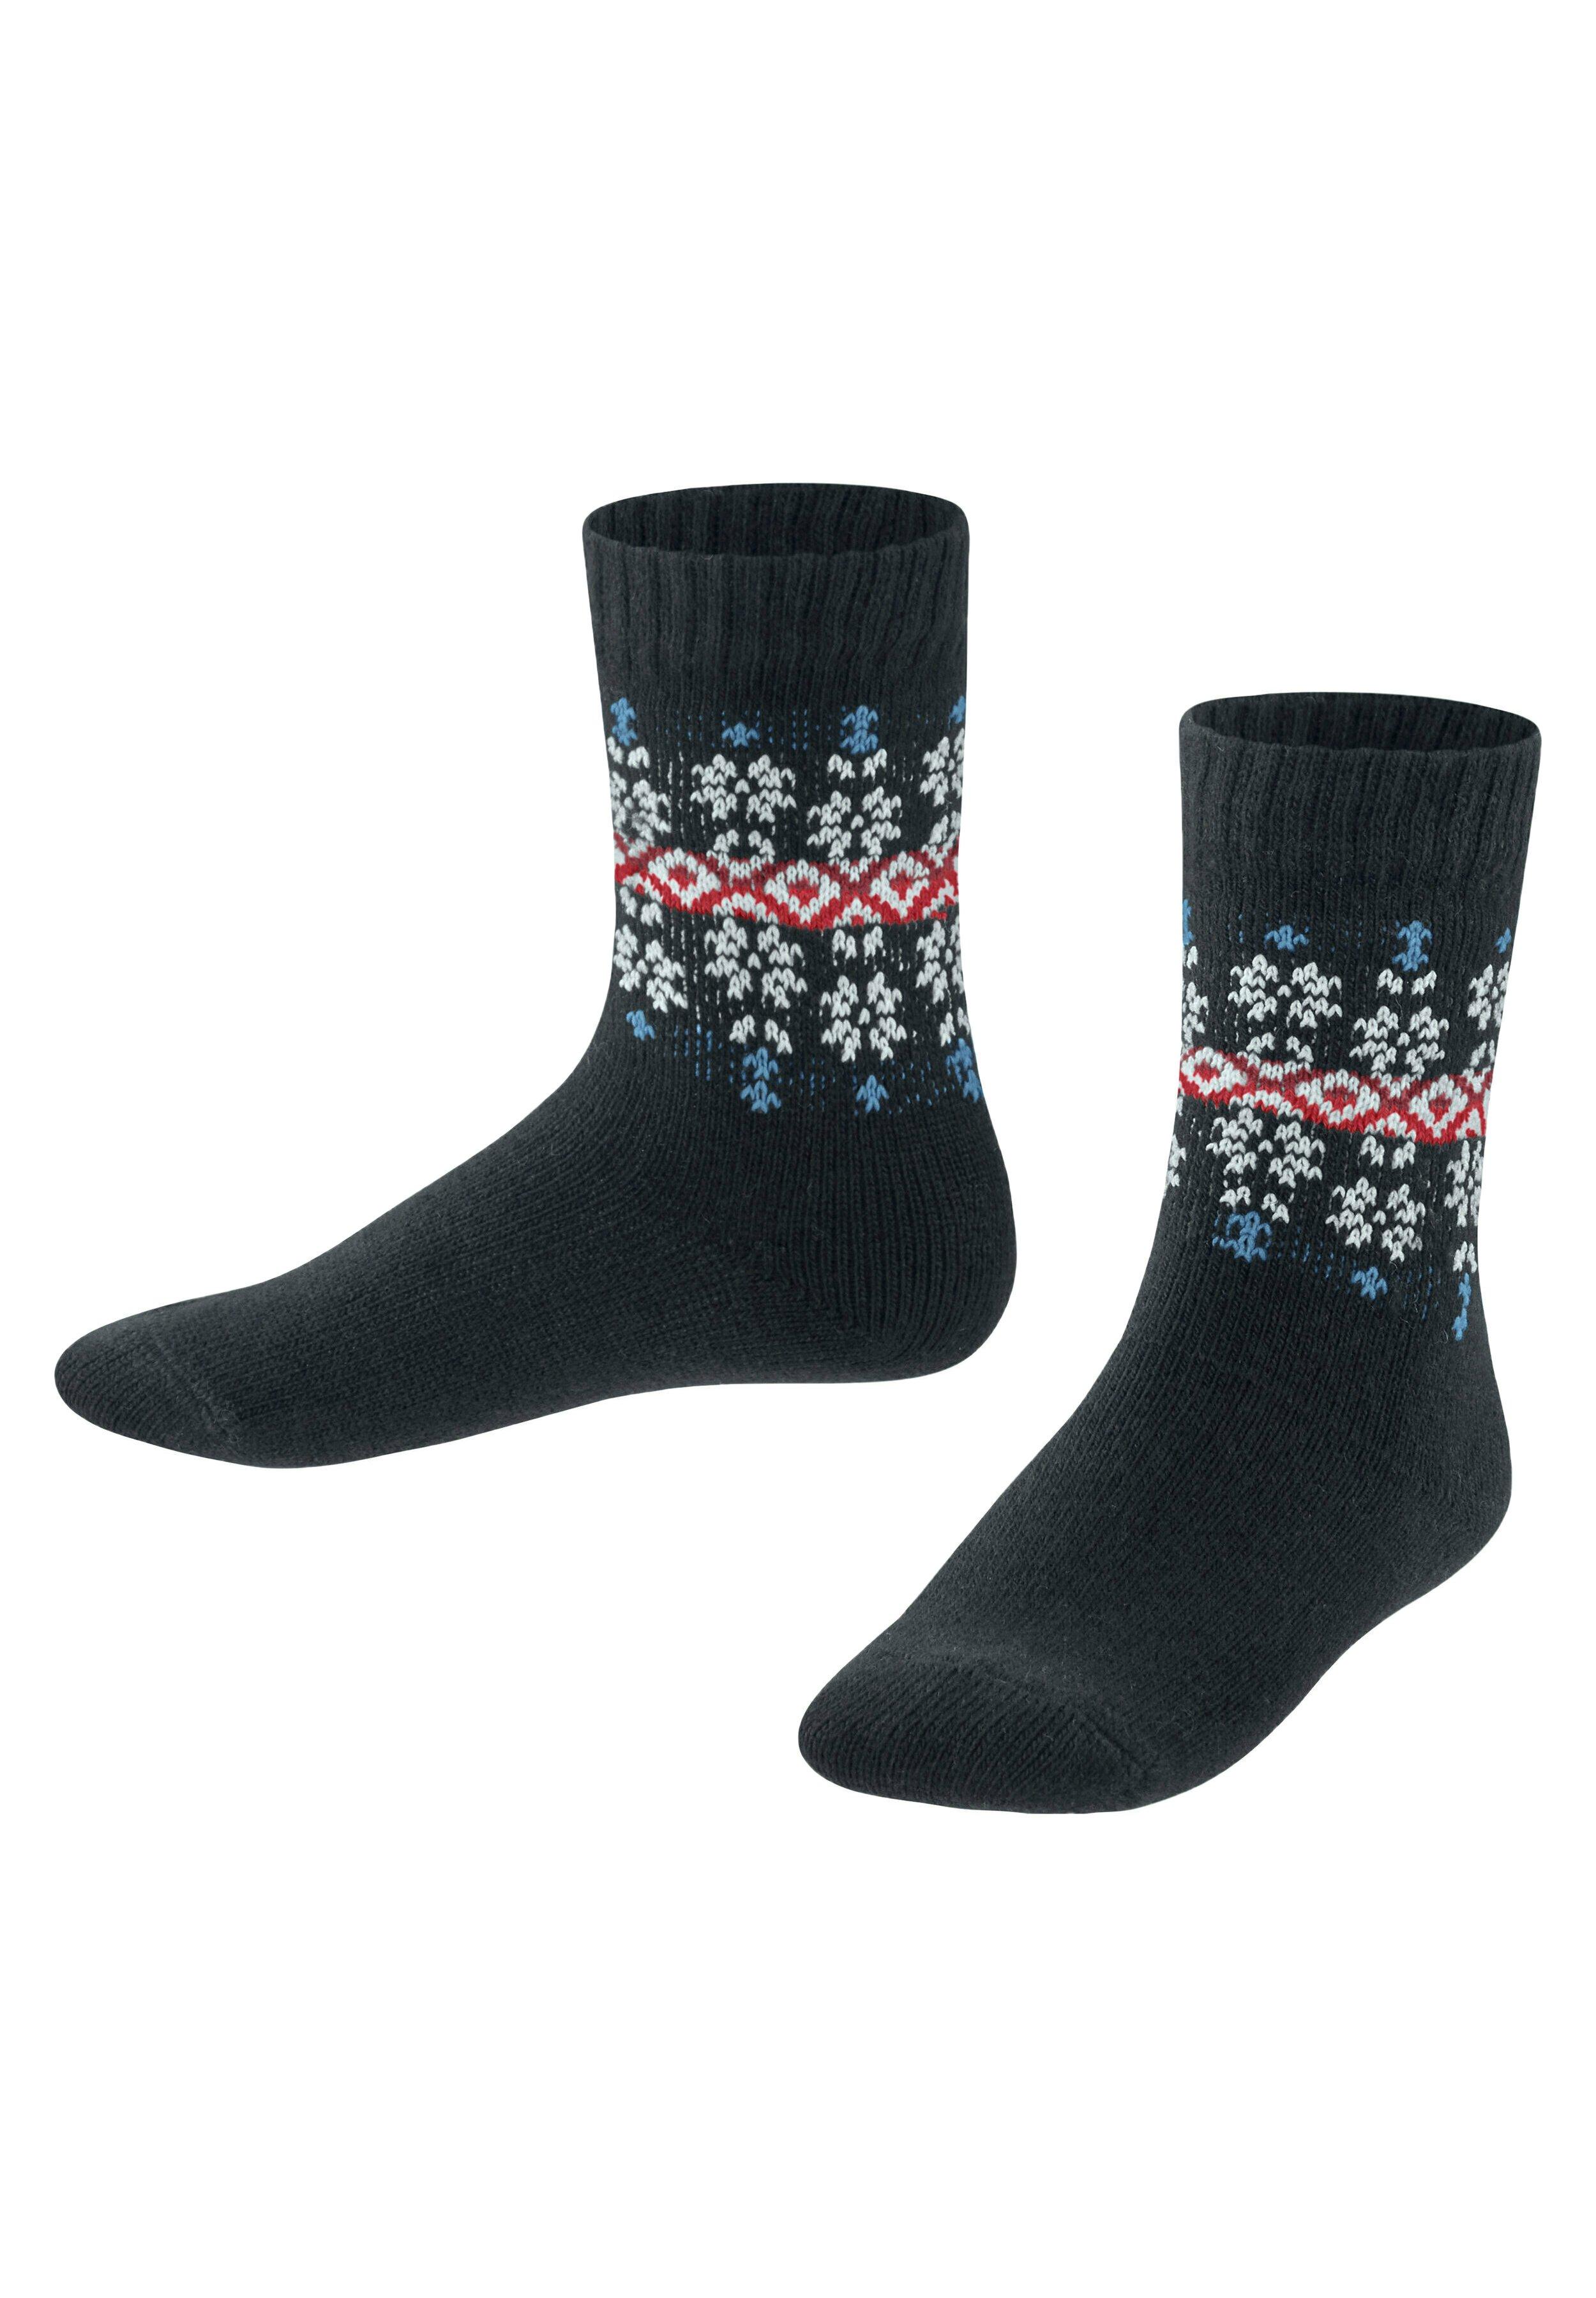 Kinder Socken - dark navy